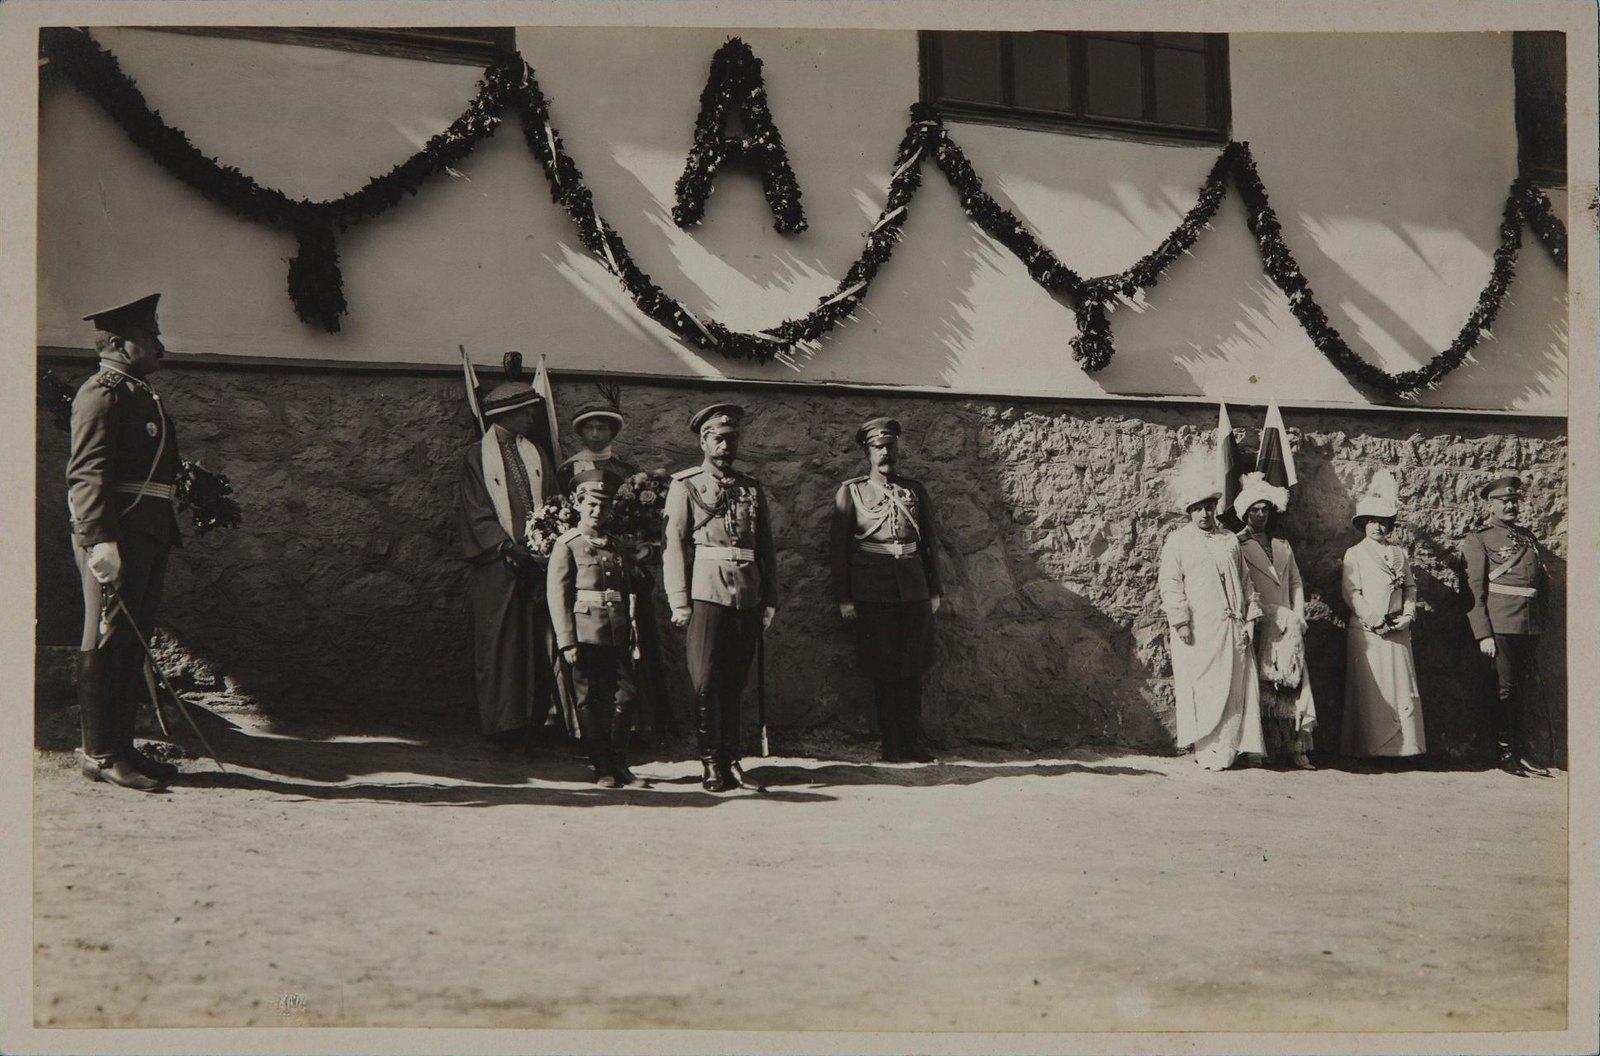 1913. Император Николай II, цесаревич Алексей Николаевич, великие княжны Ольга и Татьяна во время парада